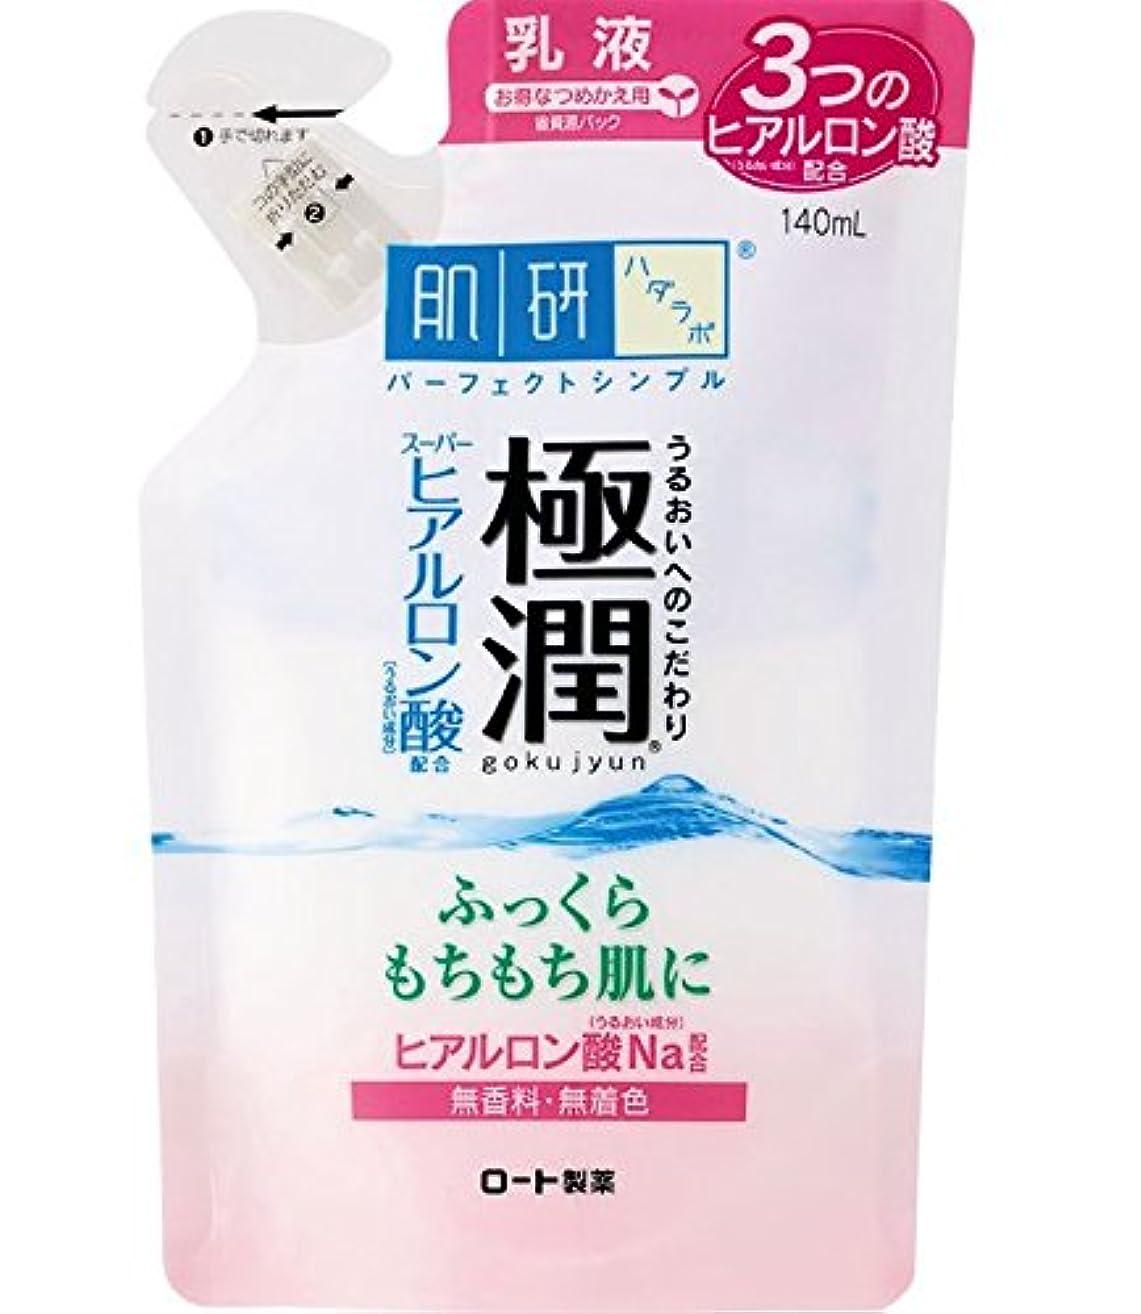 明日終わり国民肌研 極潤 ヒアルロン乳液 つめかえ用 140mL